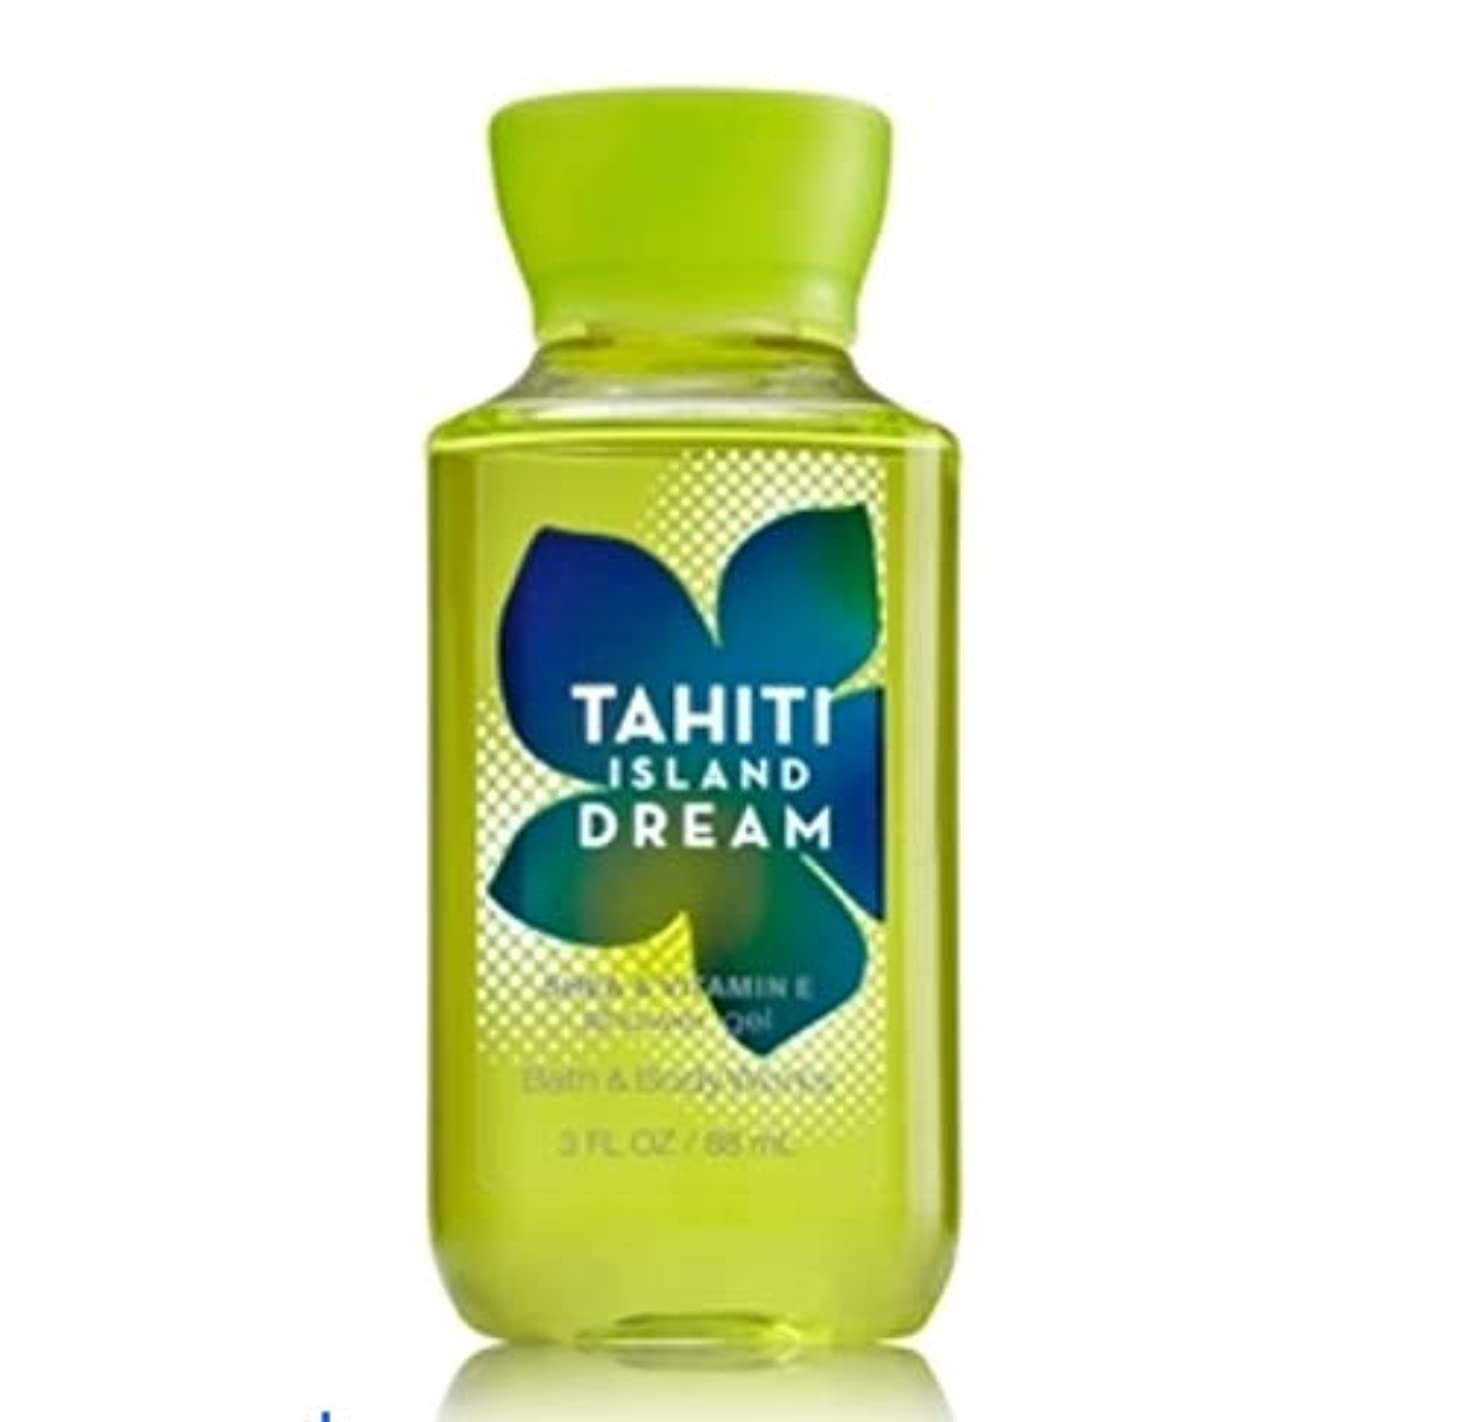 利益つまらない一過性バス&ボディワークス タヒチアイランドドリーム ボディソープ Tahiti Island dream トラベルサイズ [並行輸入品]